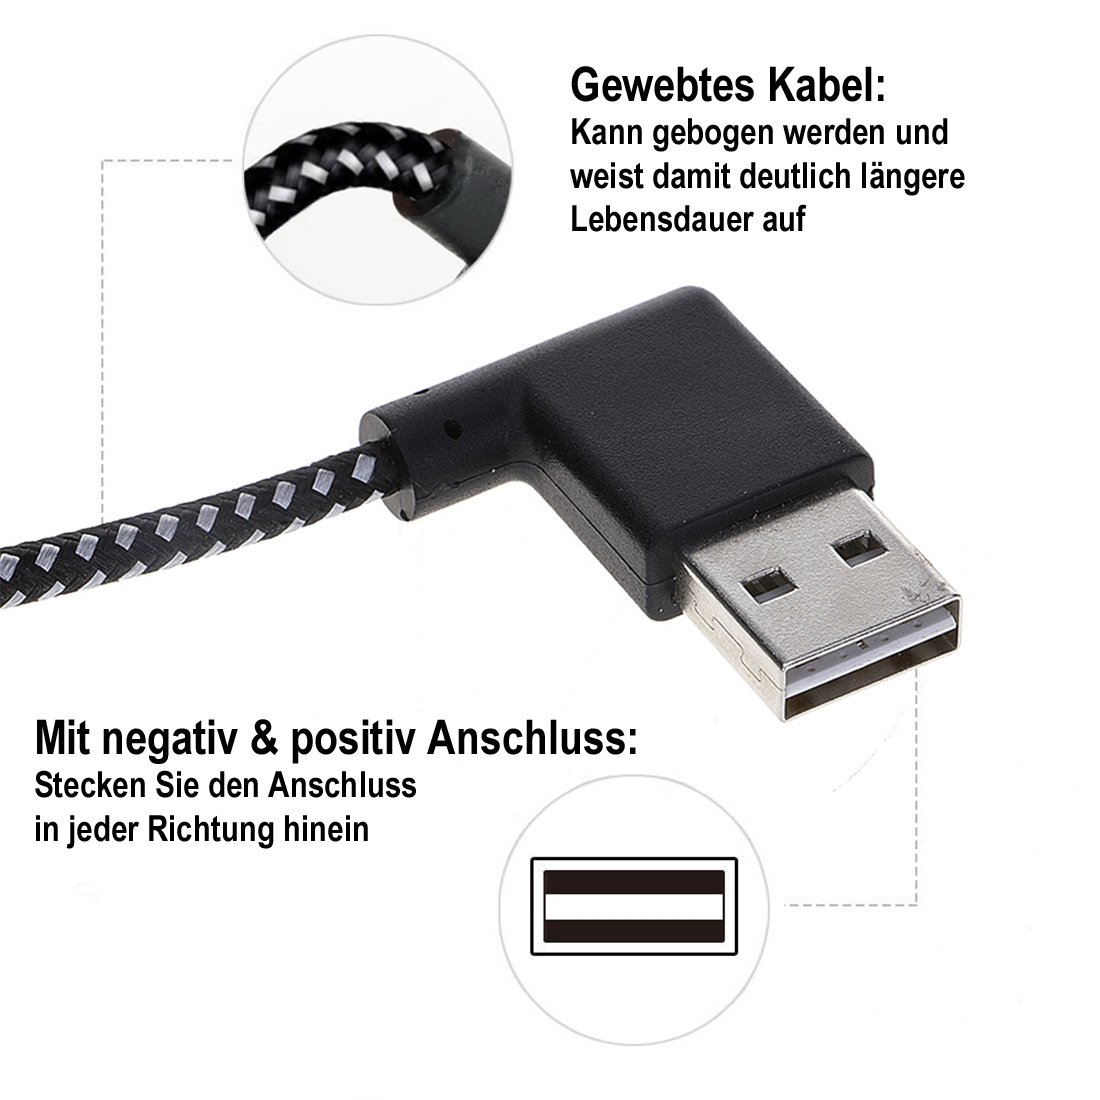 Magnetische Kabel Nylon Micro Usb Magnet Kabel Für Huawei P20 Lite Daten Ladegerät Kabel Für Xiaomi Samsung Iphone Handy Kabel Feine Verarbeitung Handys & Telekommunikation Handy Kabel